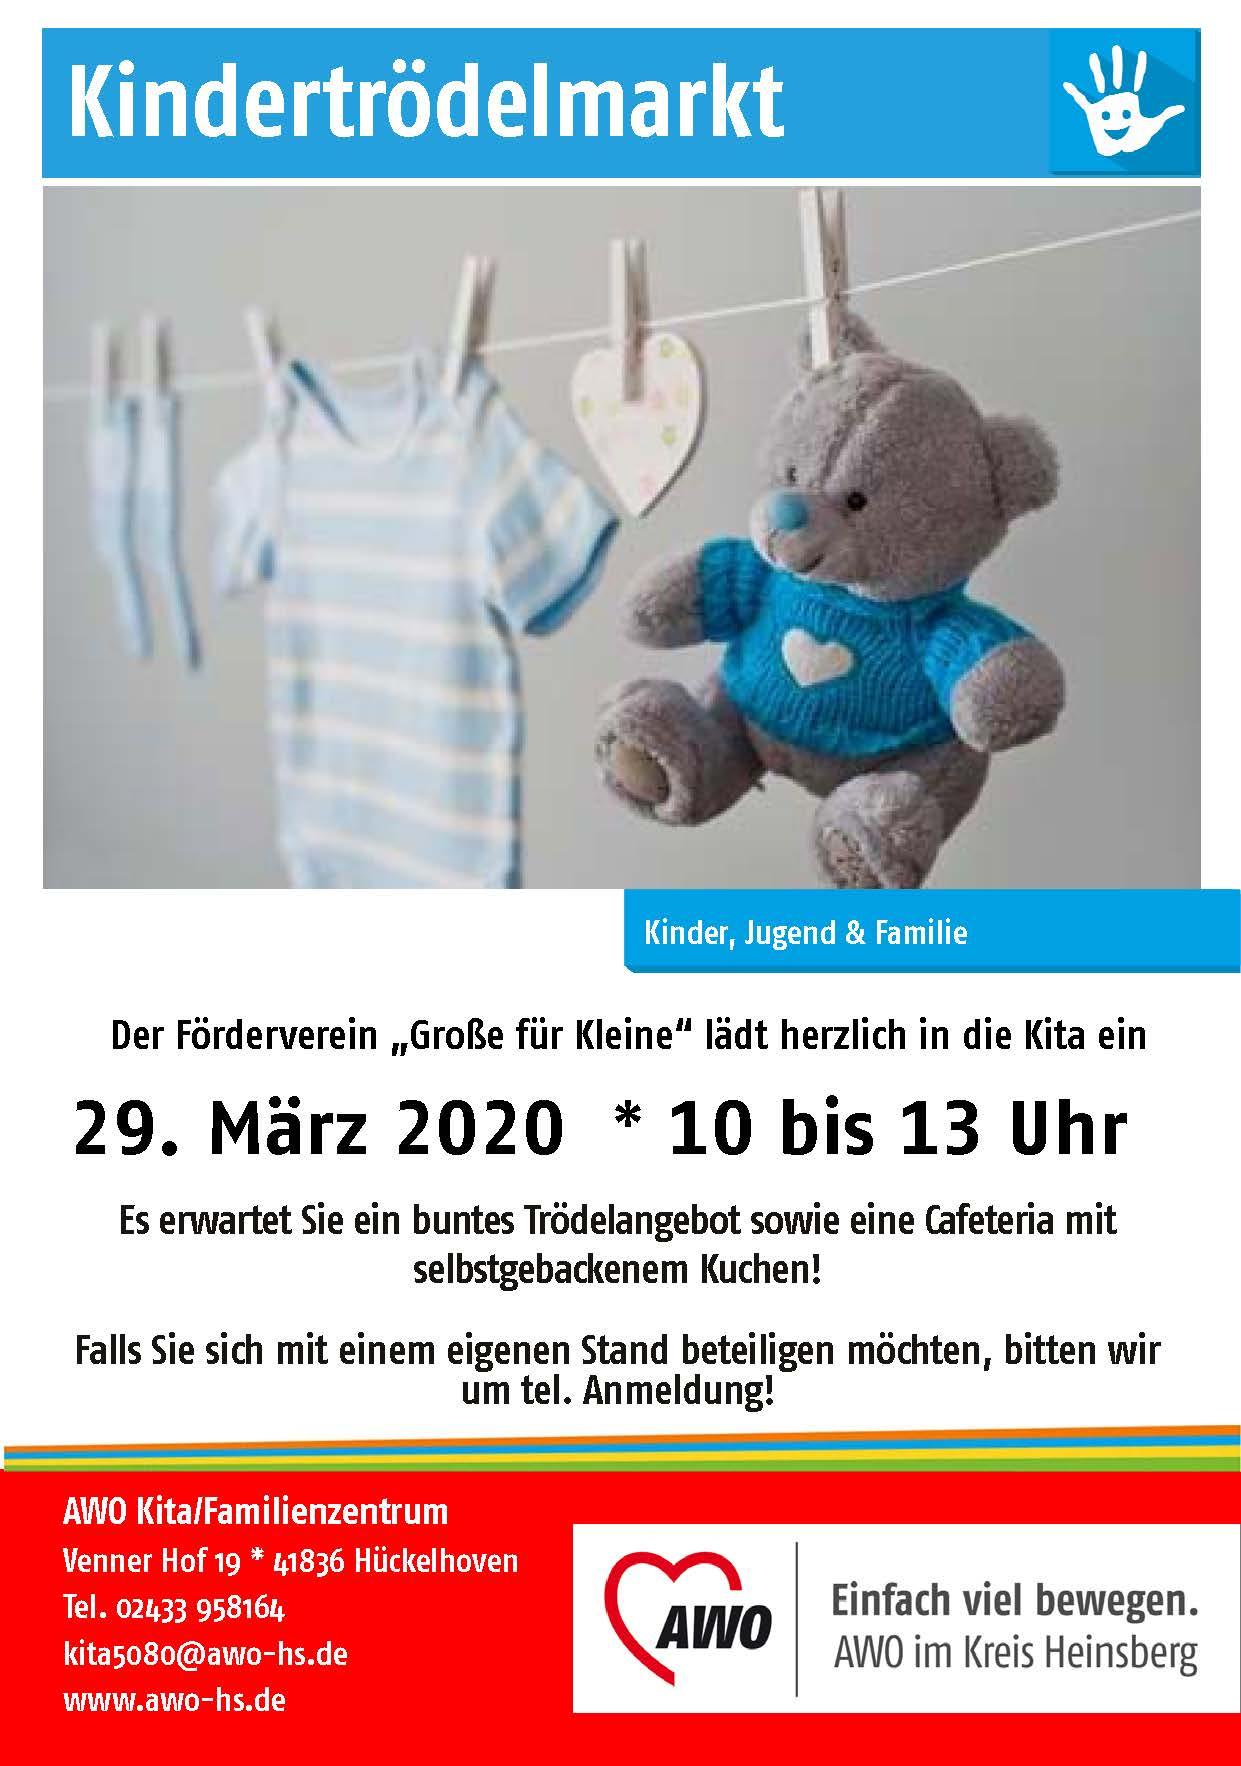 Kindertrödelmarkt in der AWO Kita/Familienzentrum   Ratheim wird abgesagt 1